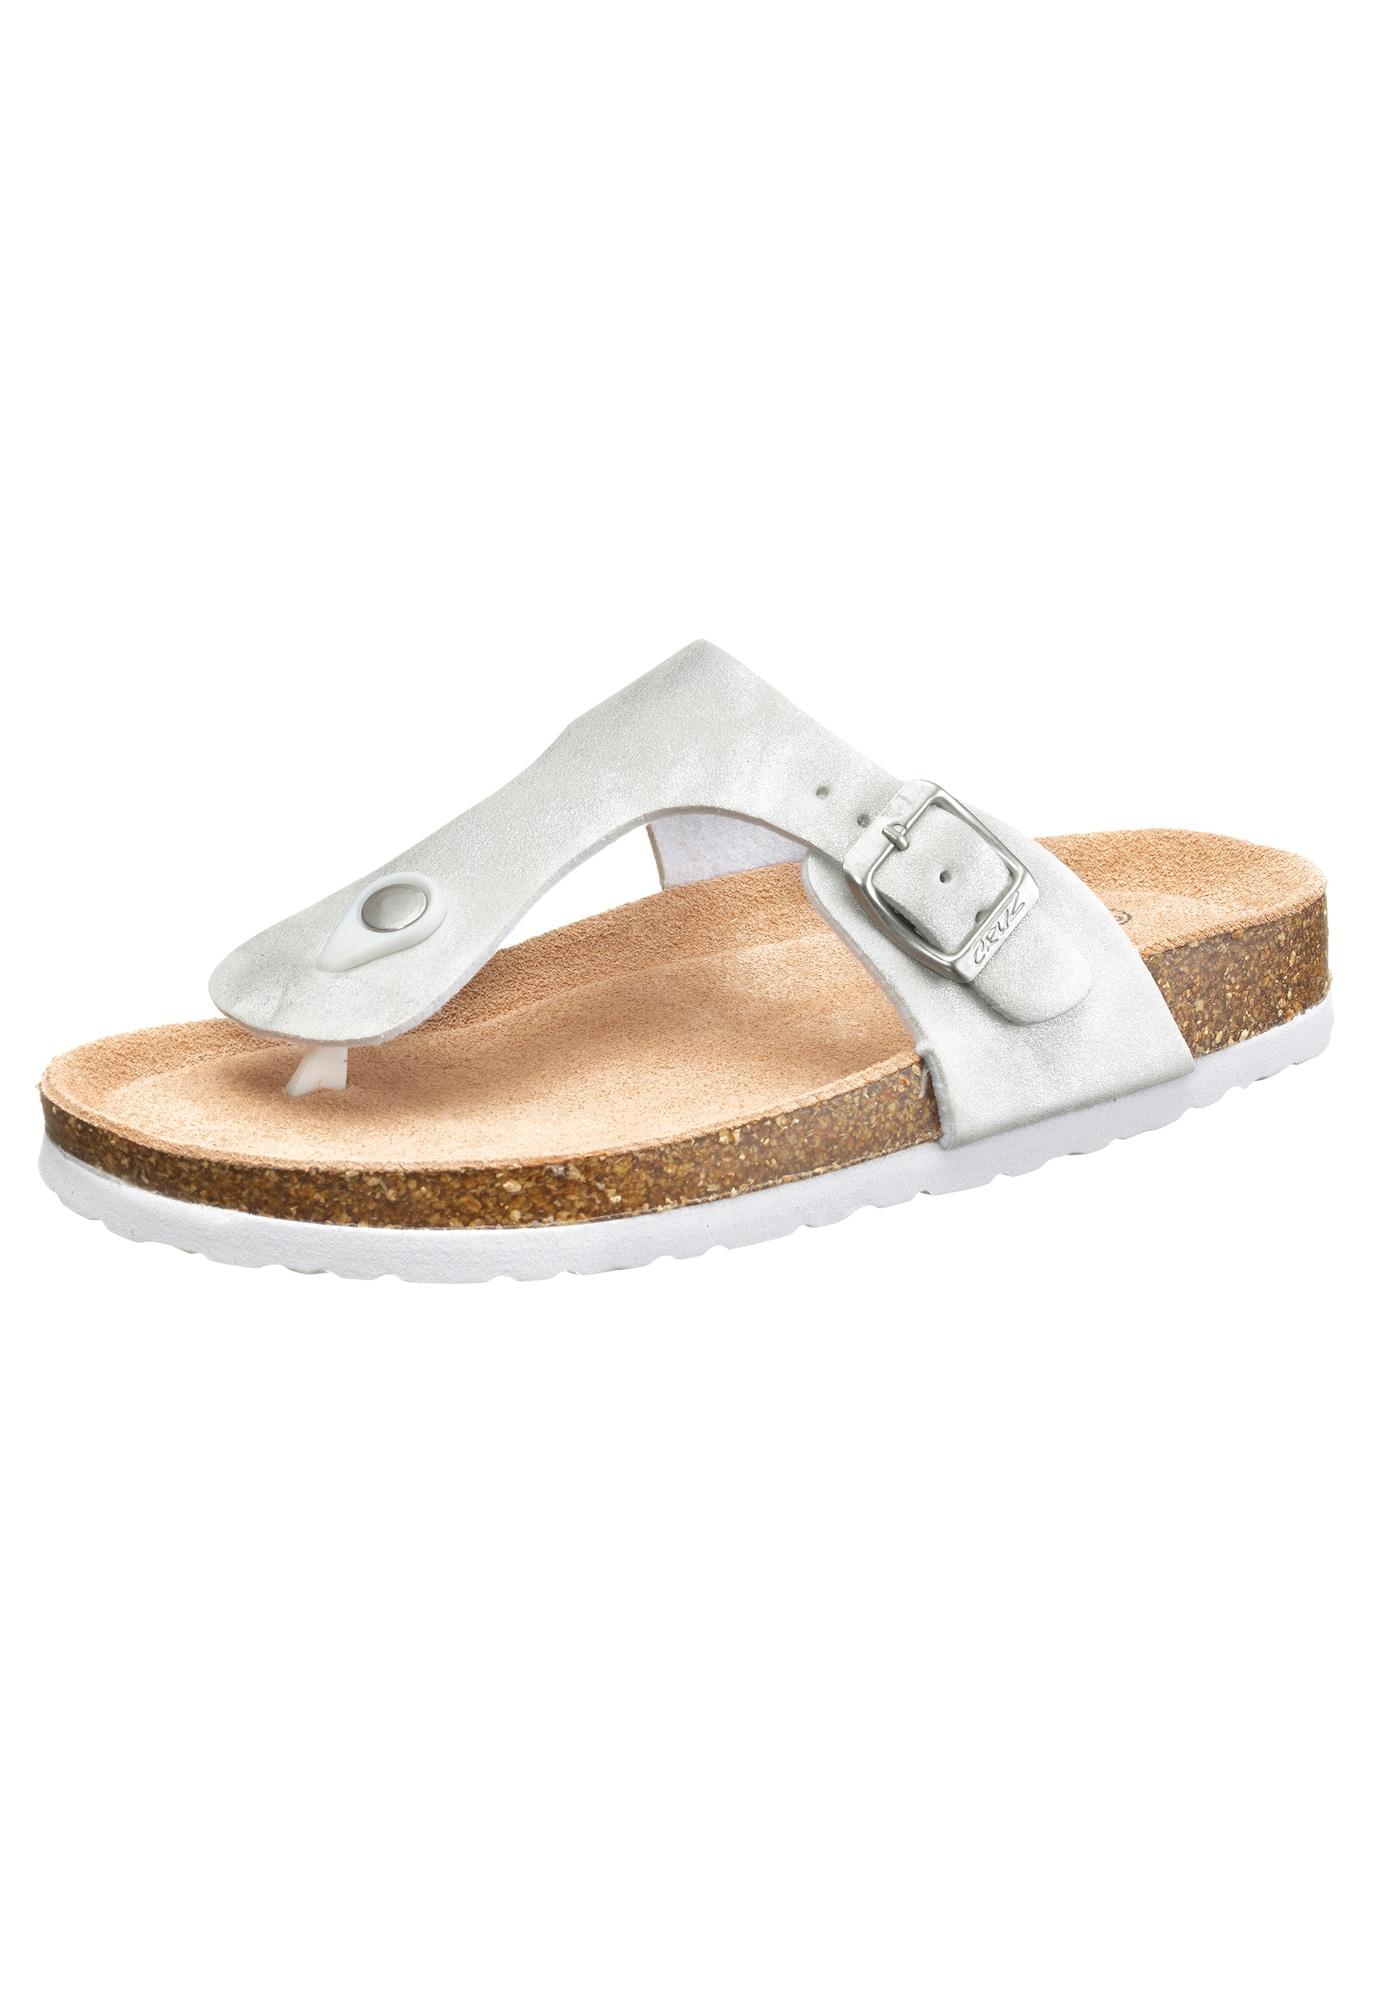 Zehentrenner 'KRISTIN' | Schuhe > Sandalen & Zehentrenner > Zehentrenner | Cruz